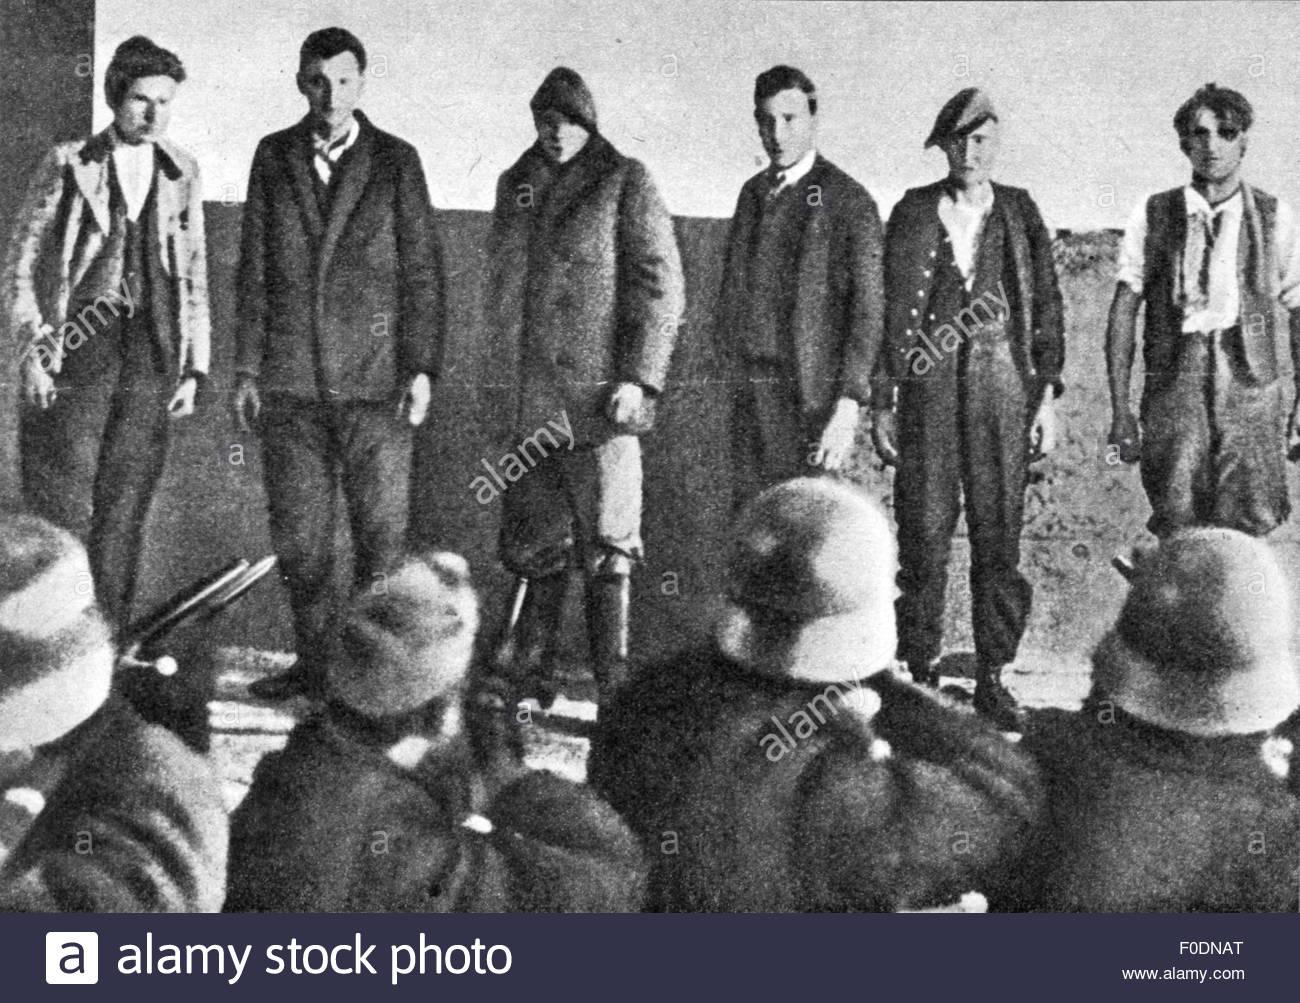 Szocialista felkelők kivégzése az ausztriai  polgárháborúban, 1934. február